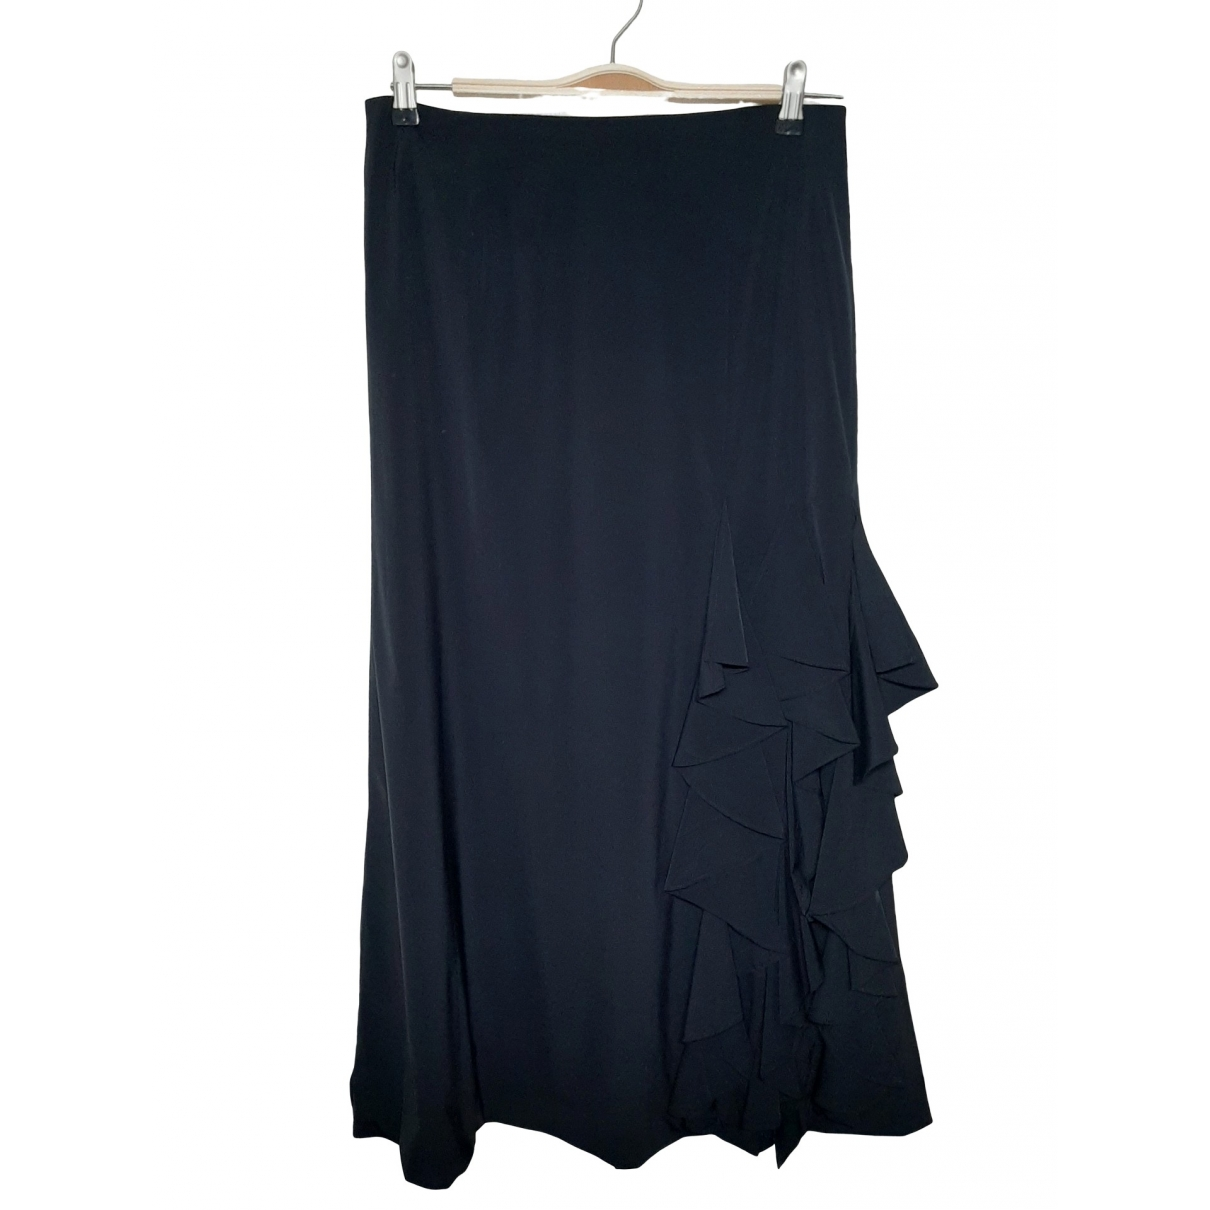 Iro \N Black skirt for Women 40 FR